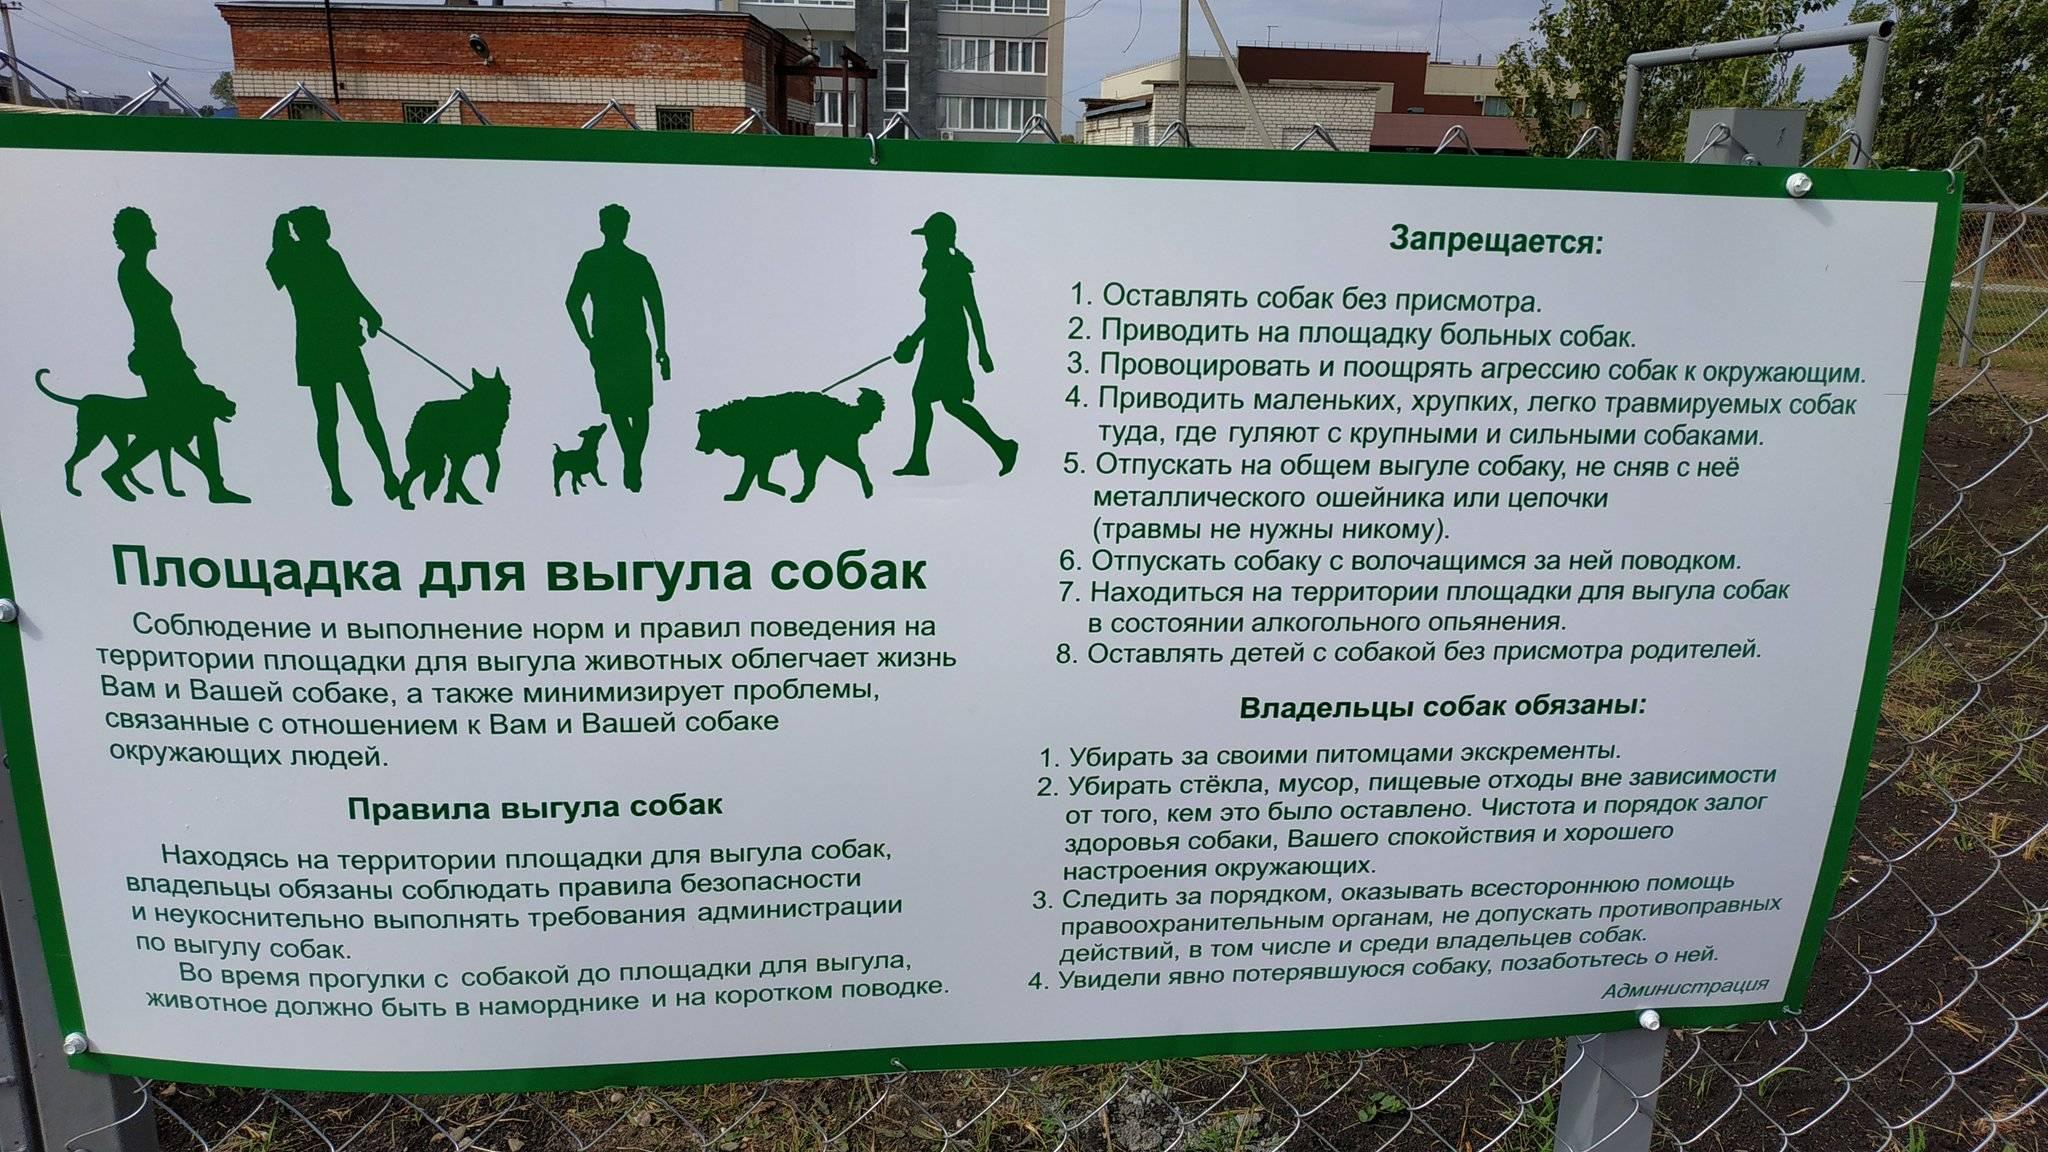 Почему православная церковь запрещает держать собаку в доме